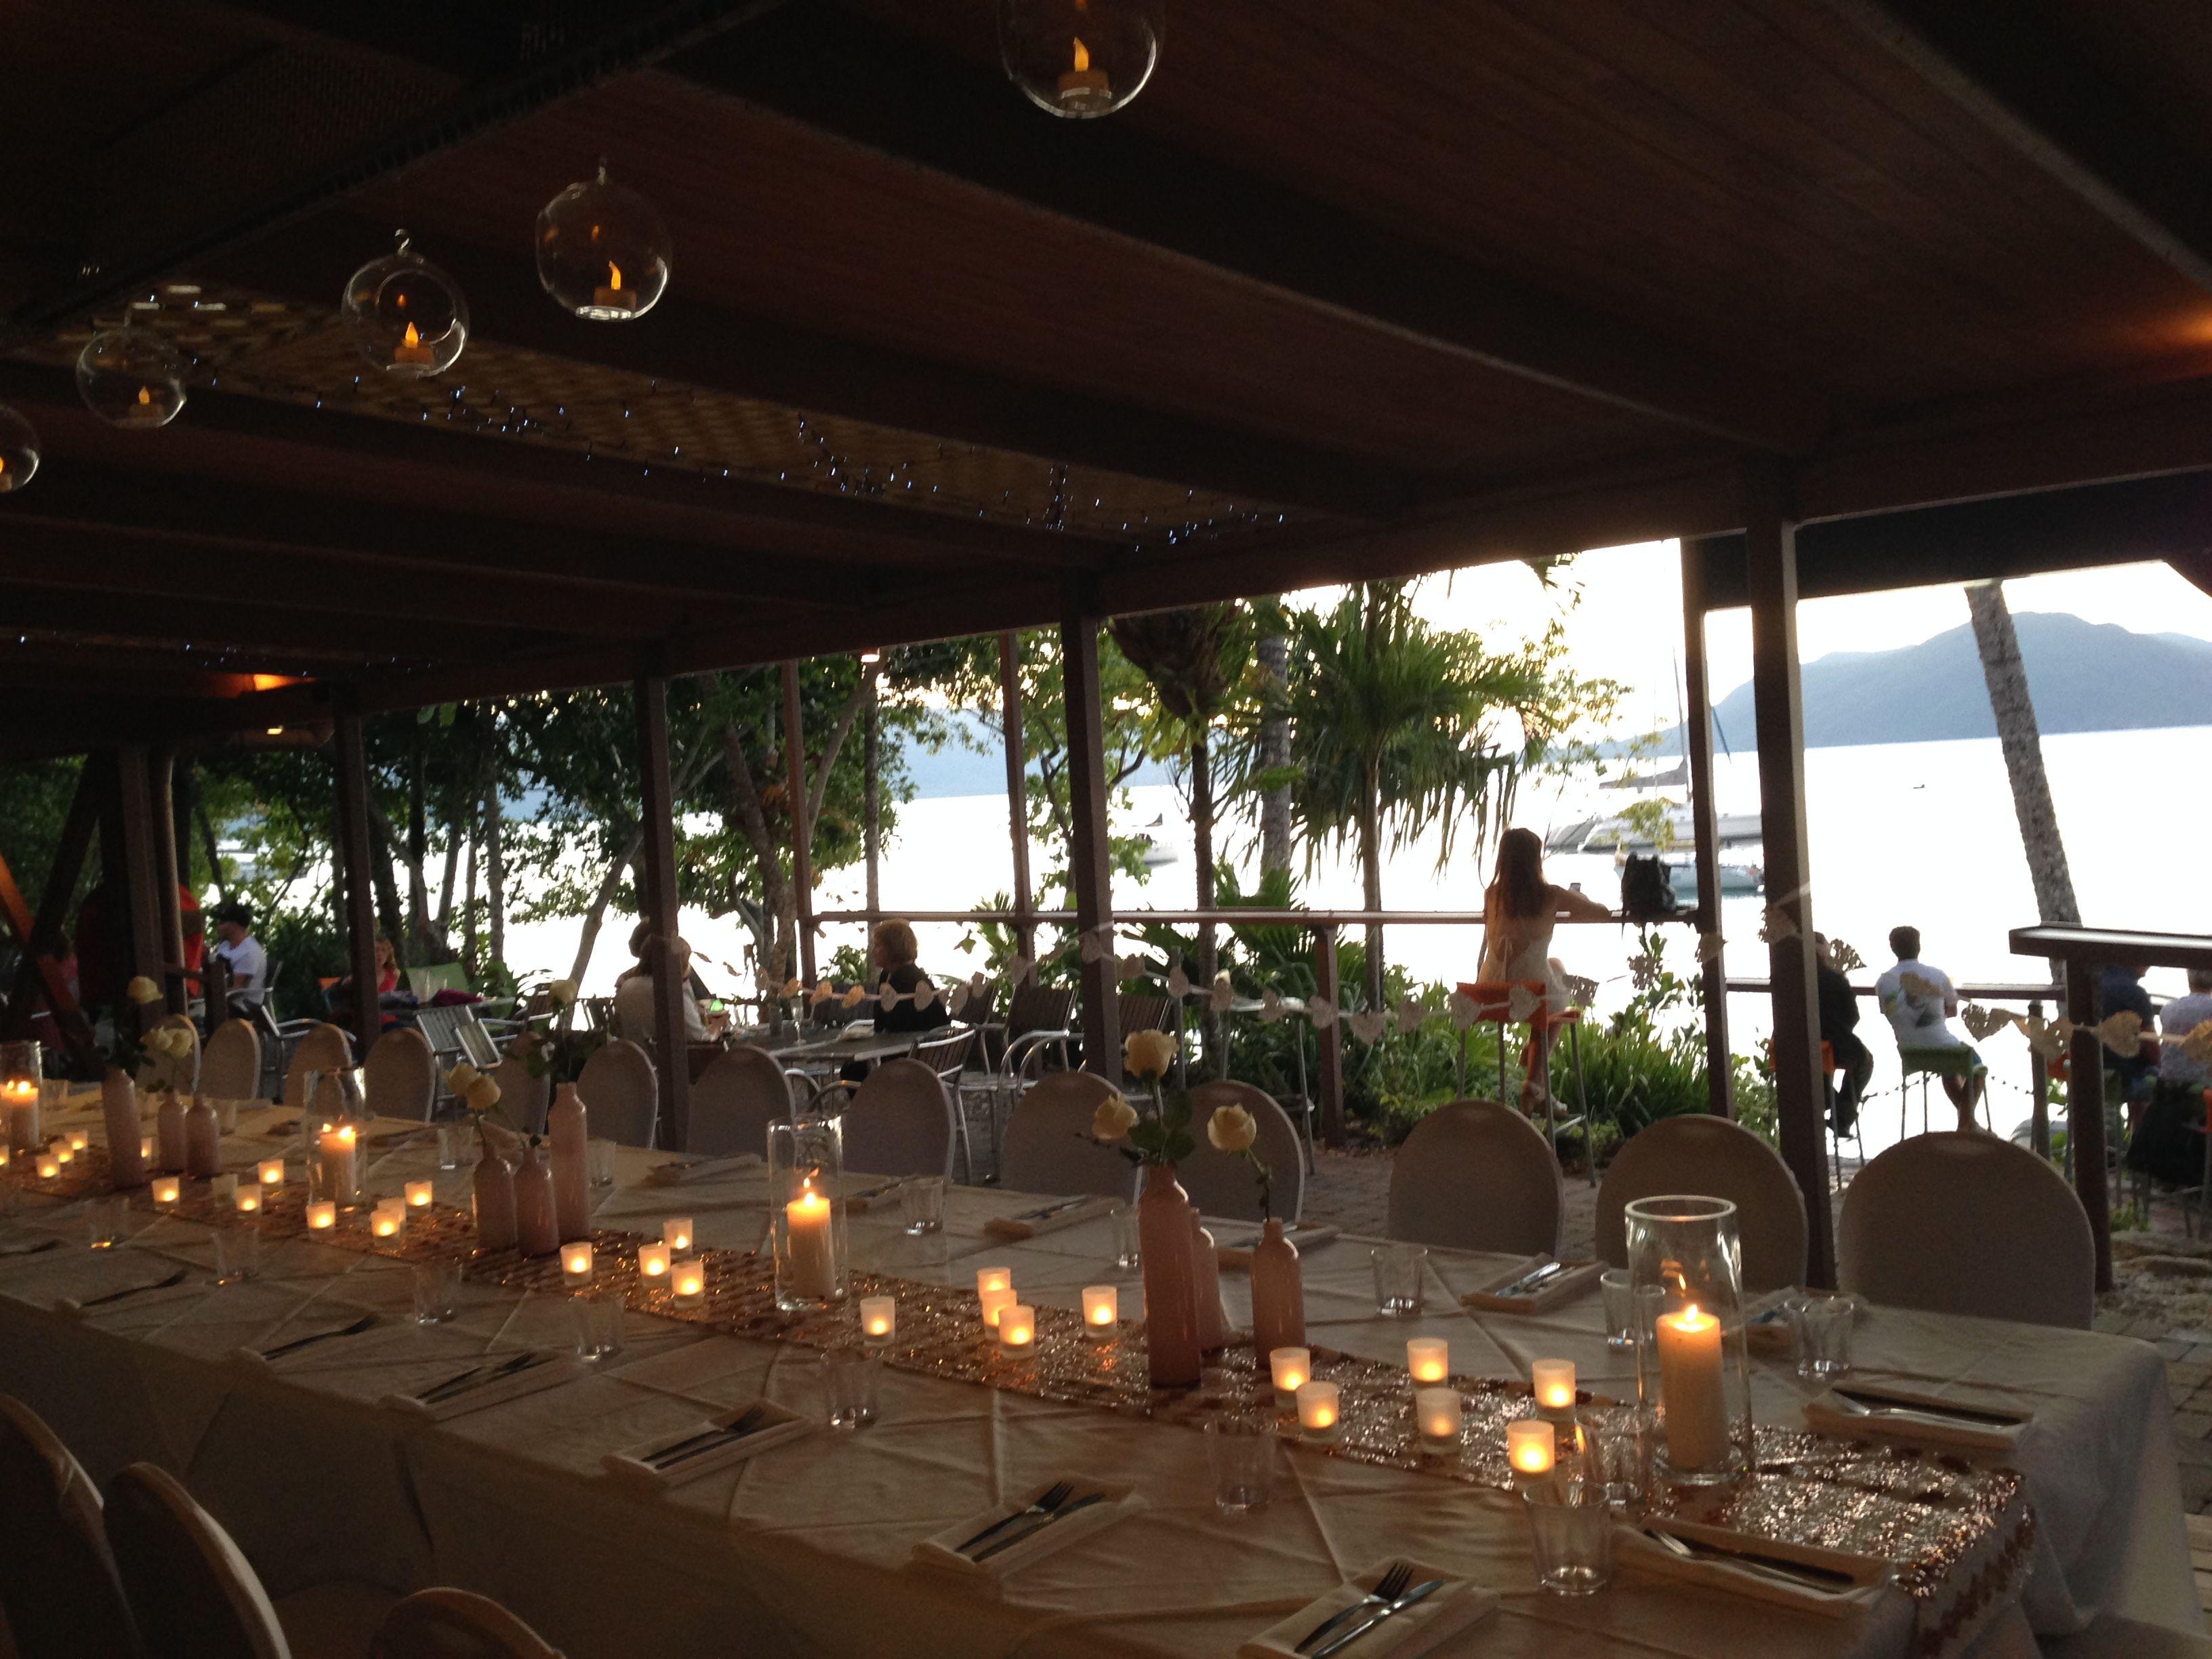 foxy u0027s bar u0026 grill fitzroy island destination wedding beach